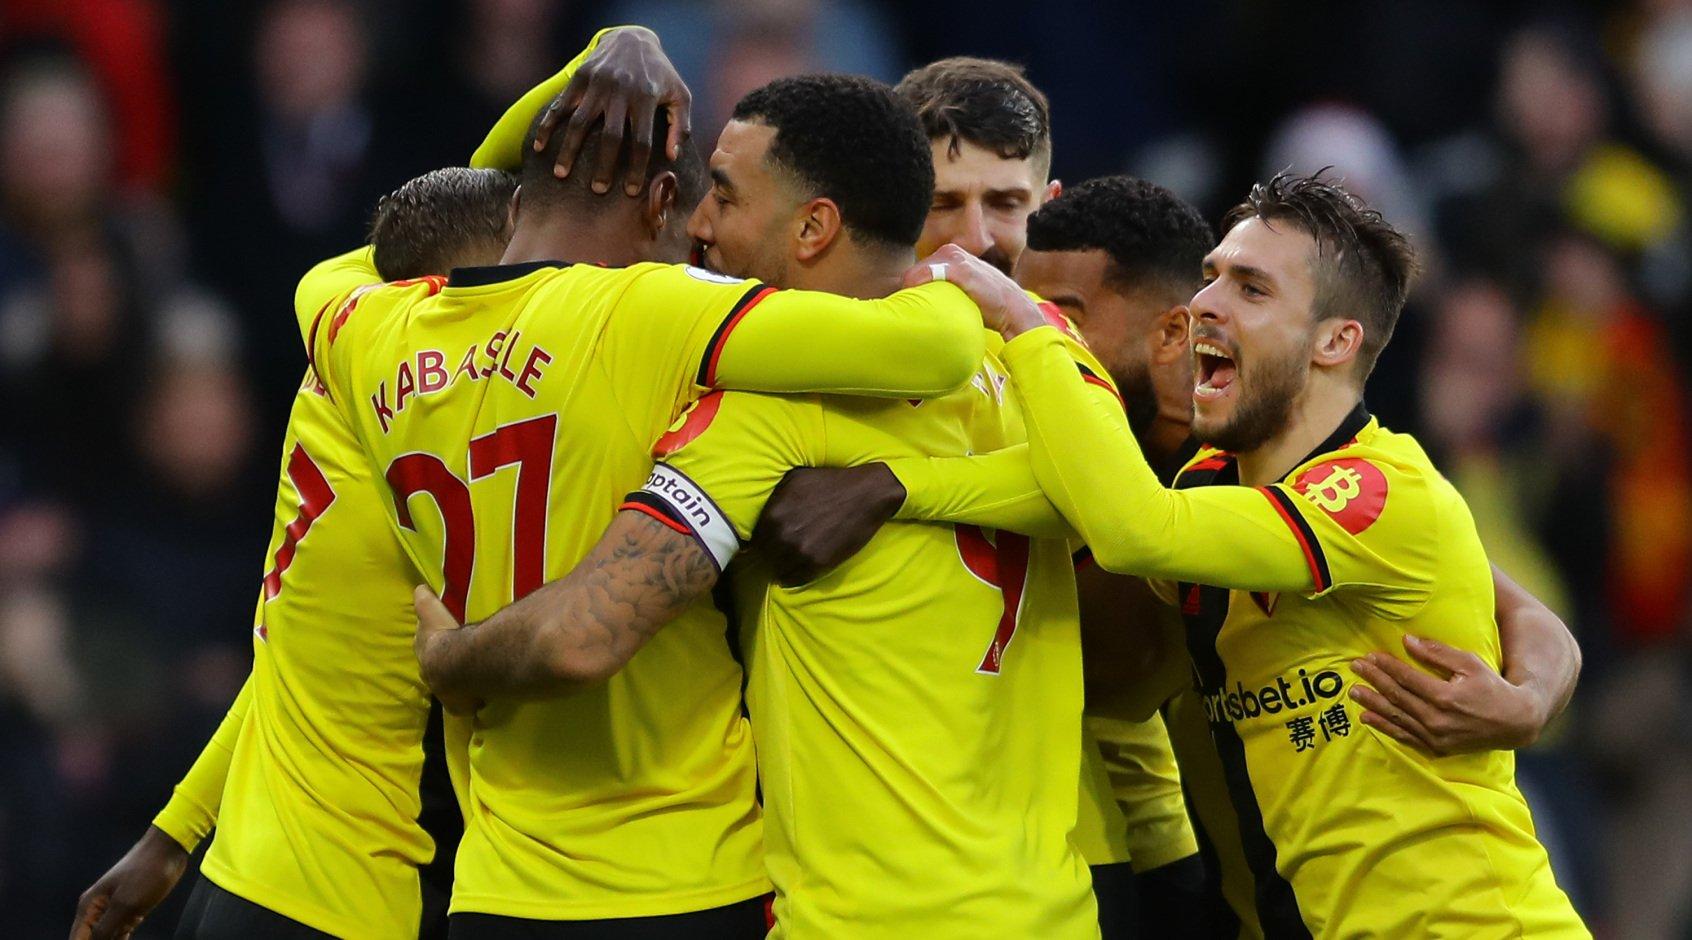 Watford scored a goal